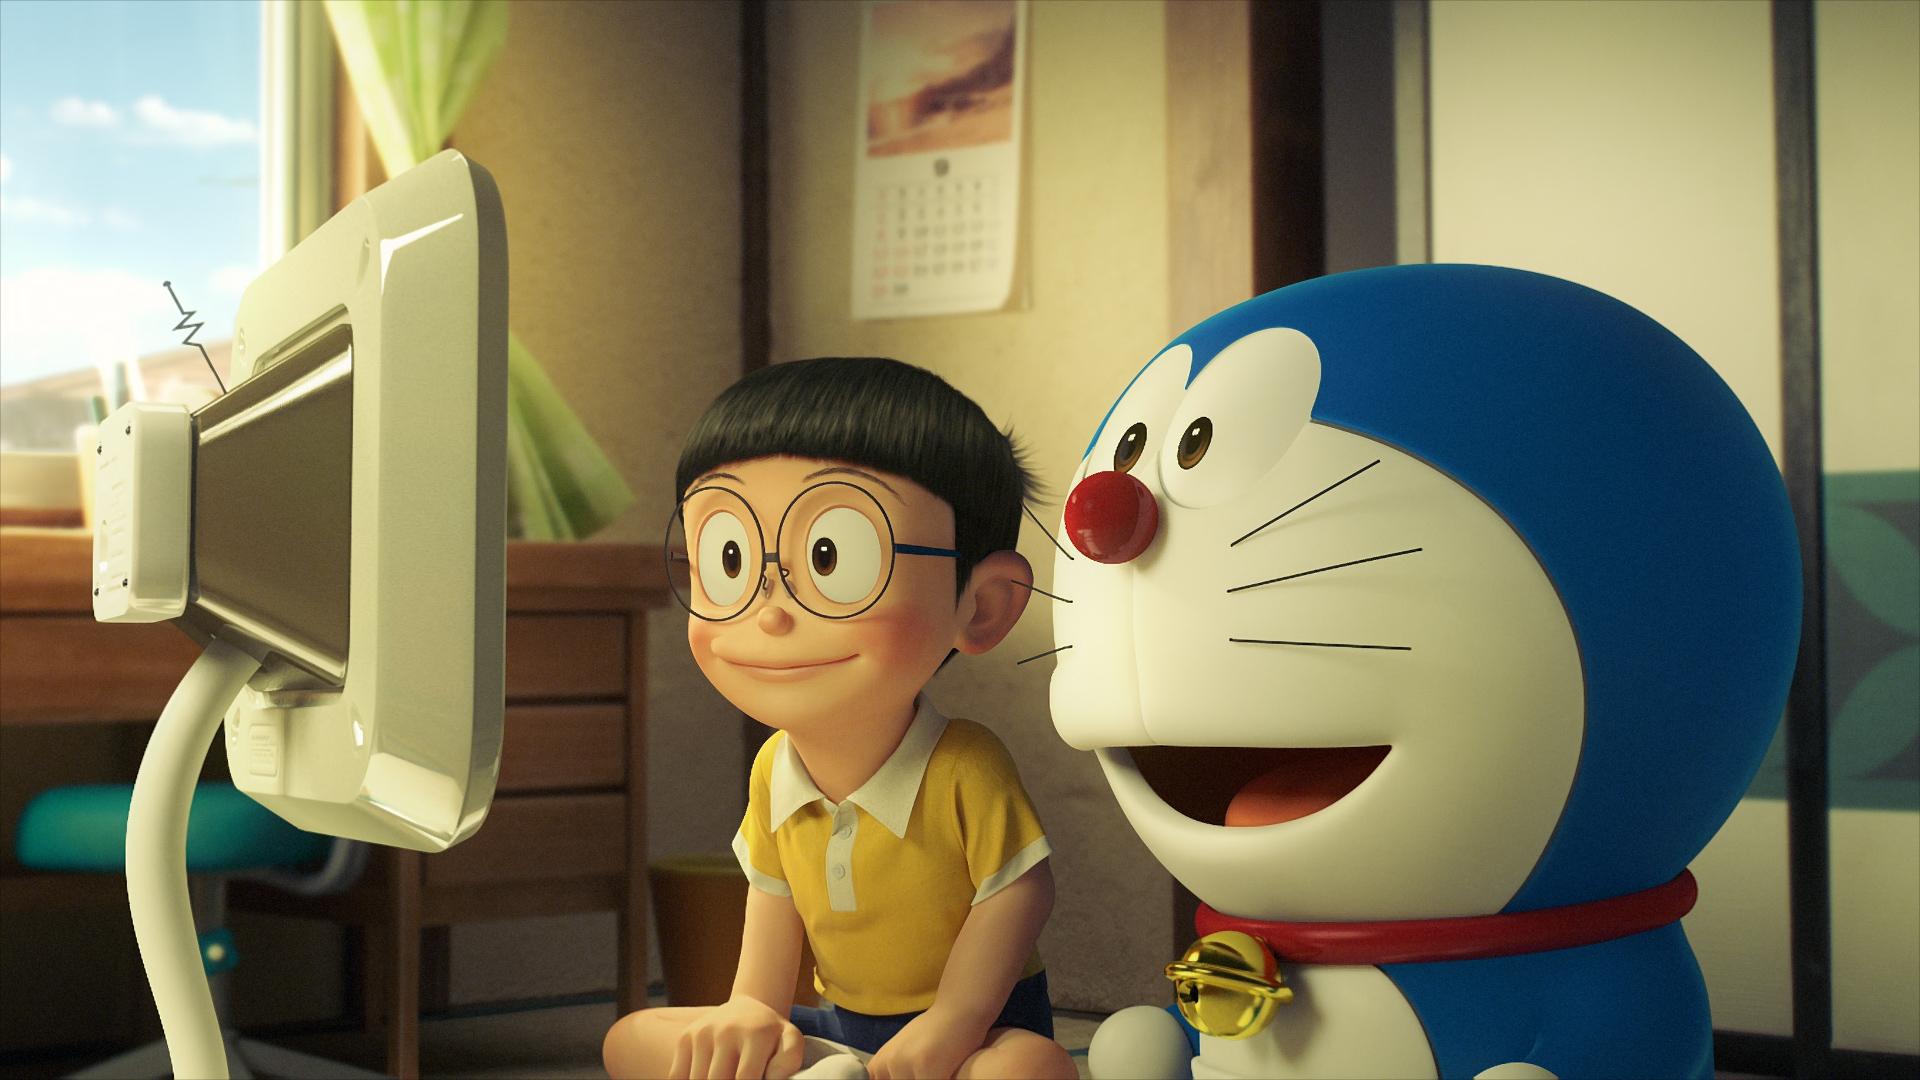 Doraemon: Nobita e Doraemon in una scena del film animato